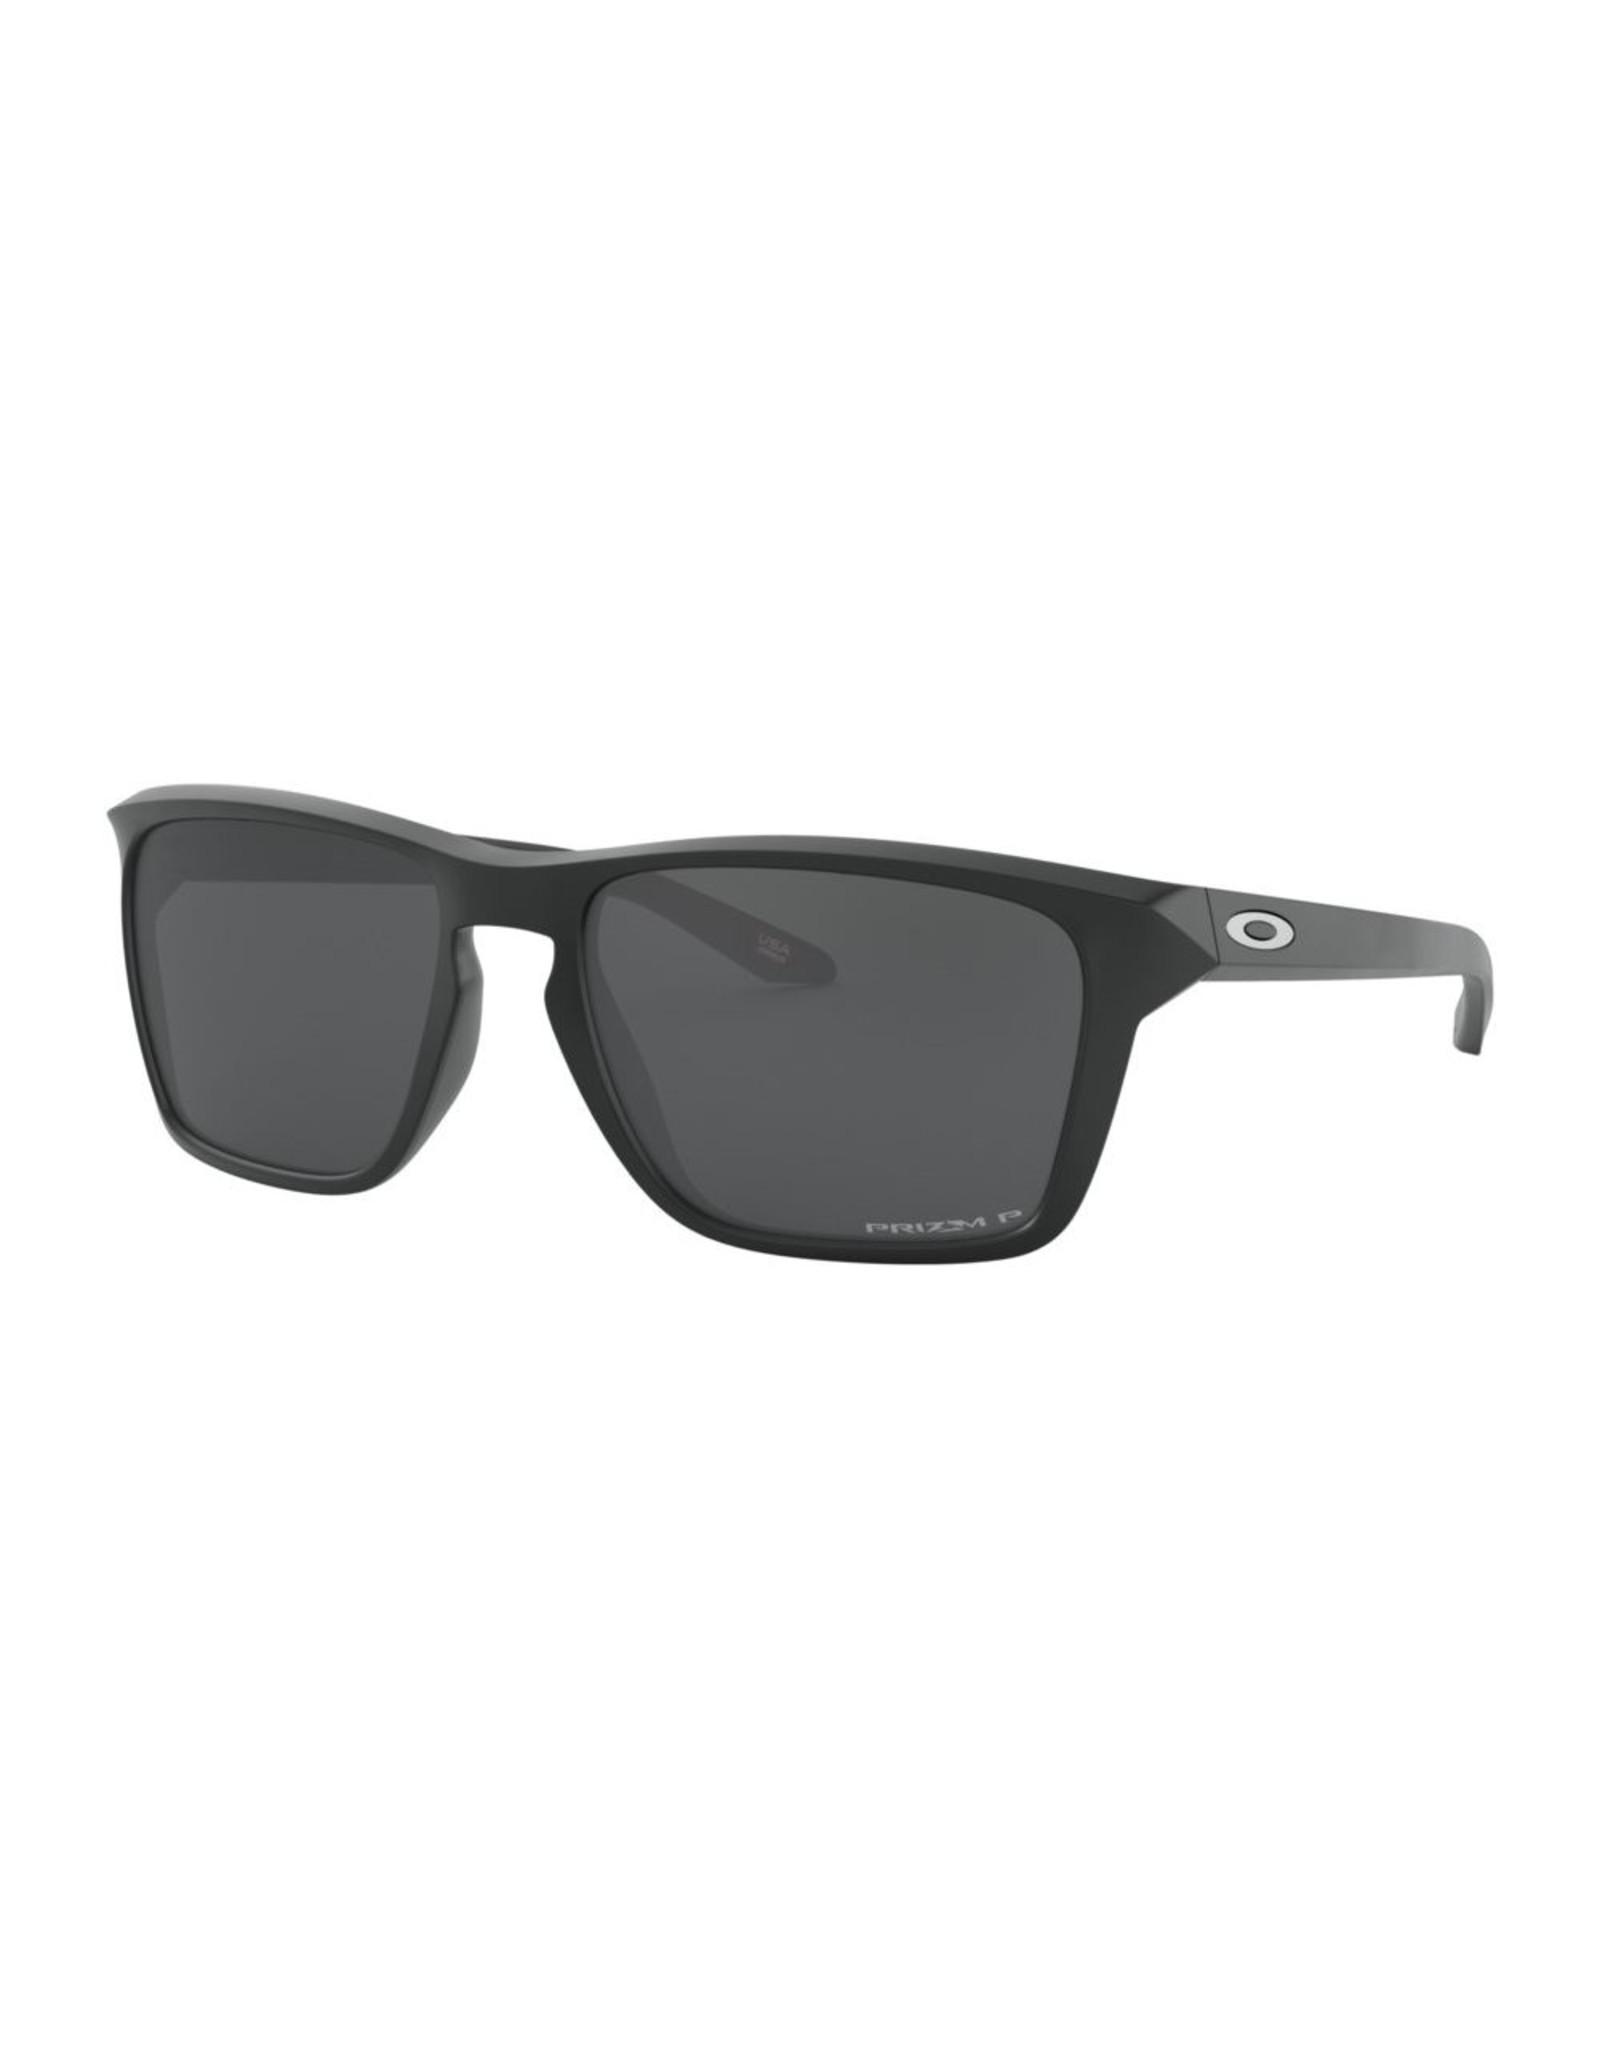 Oakley Mens sunglasses SYLAS matte black w/ prizm black pol